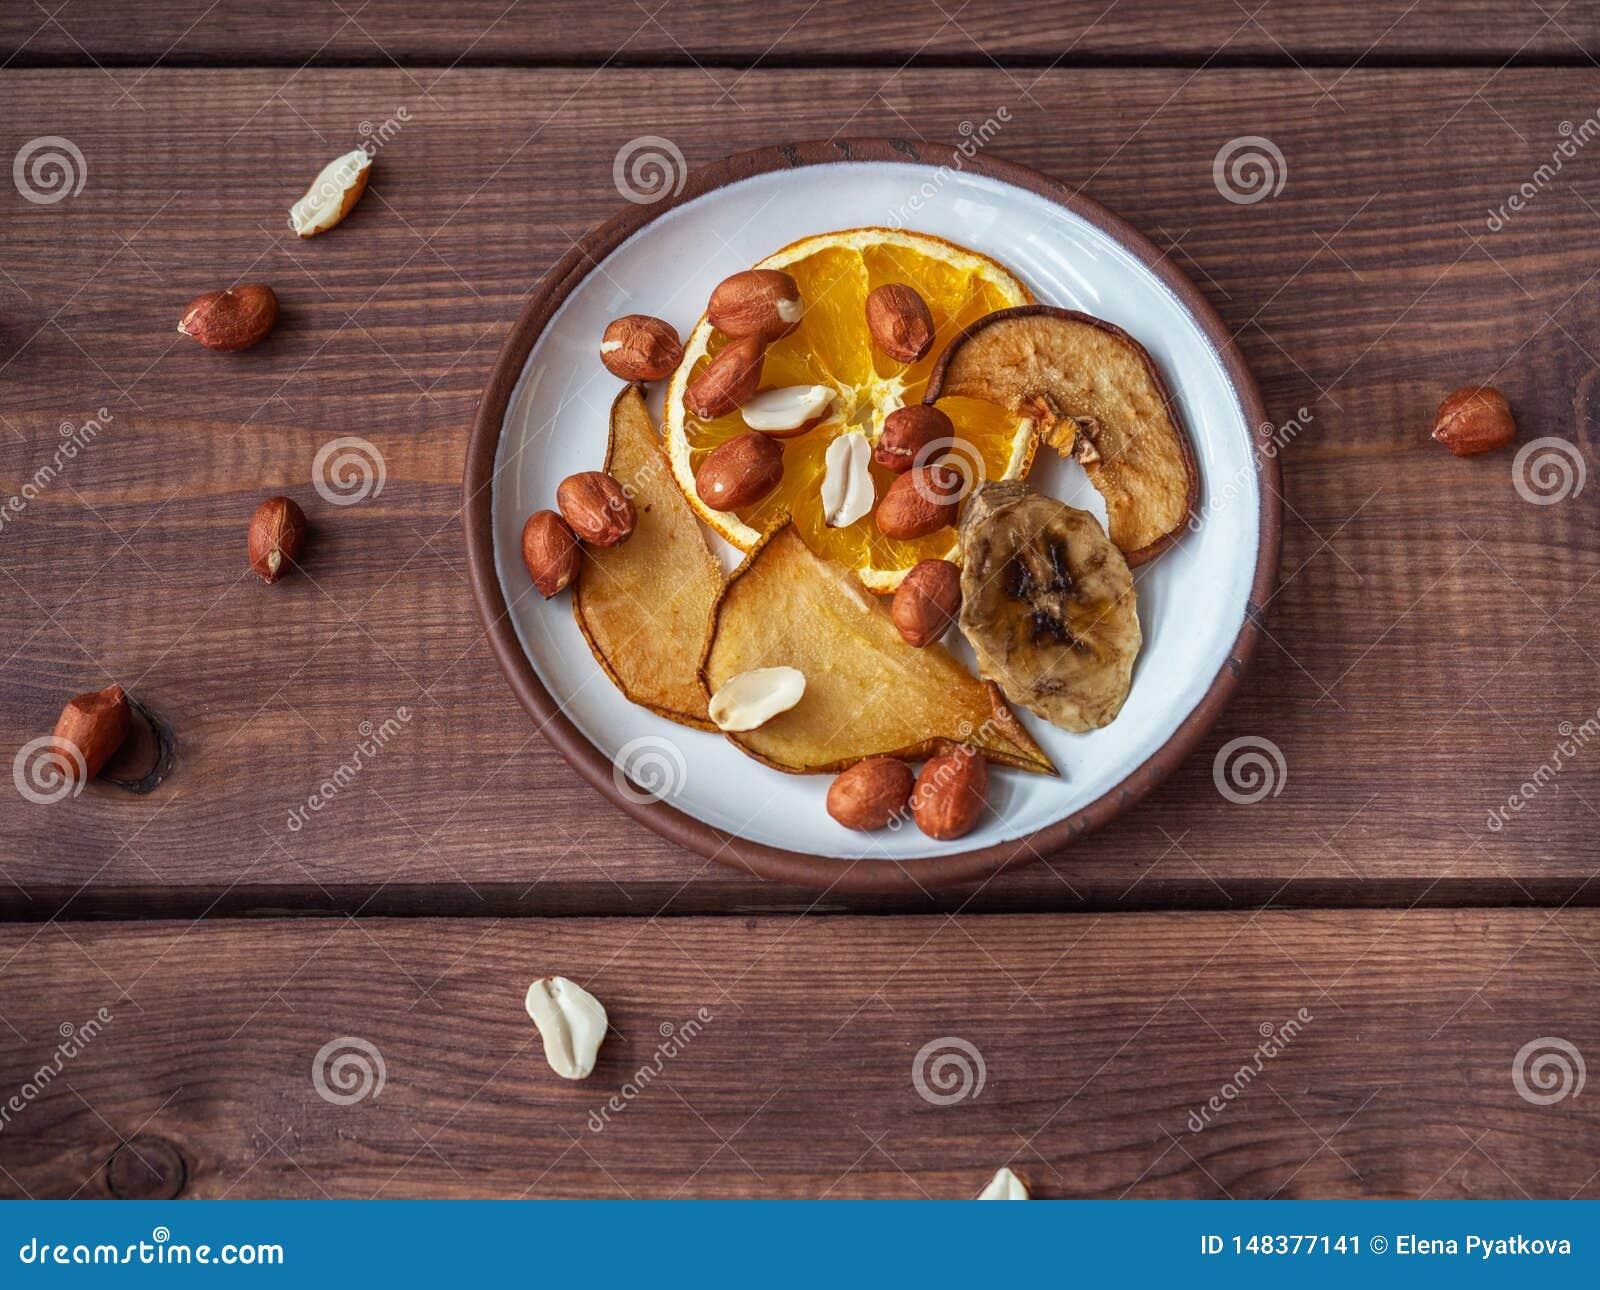 Τσιπ φρούτων χωρίς ζάχαρη και πρόσθετες ουσίες σε ένα μικρό πιάτο και τα φυστίκια, που διασκορπίζονται δίπλα στο πιάτο και στο πι